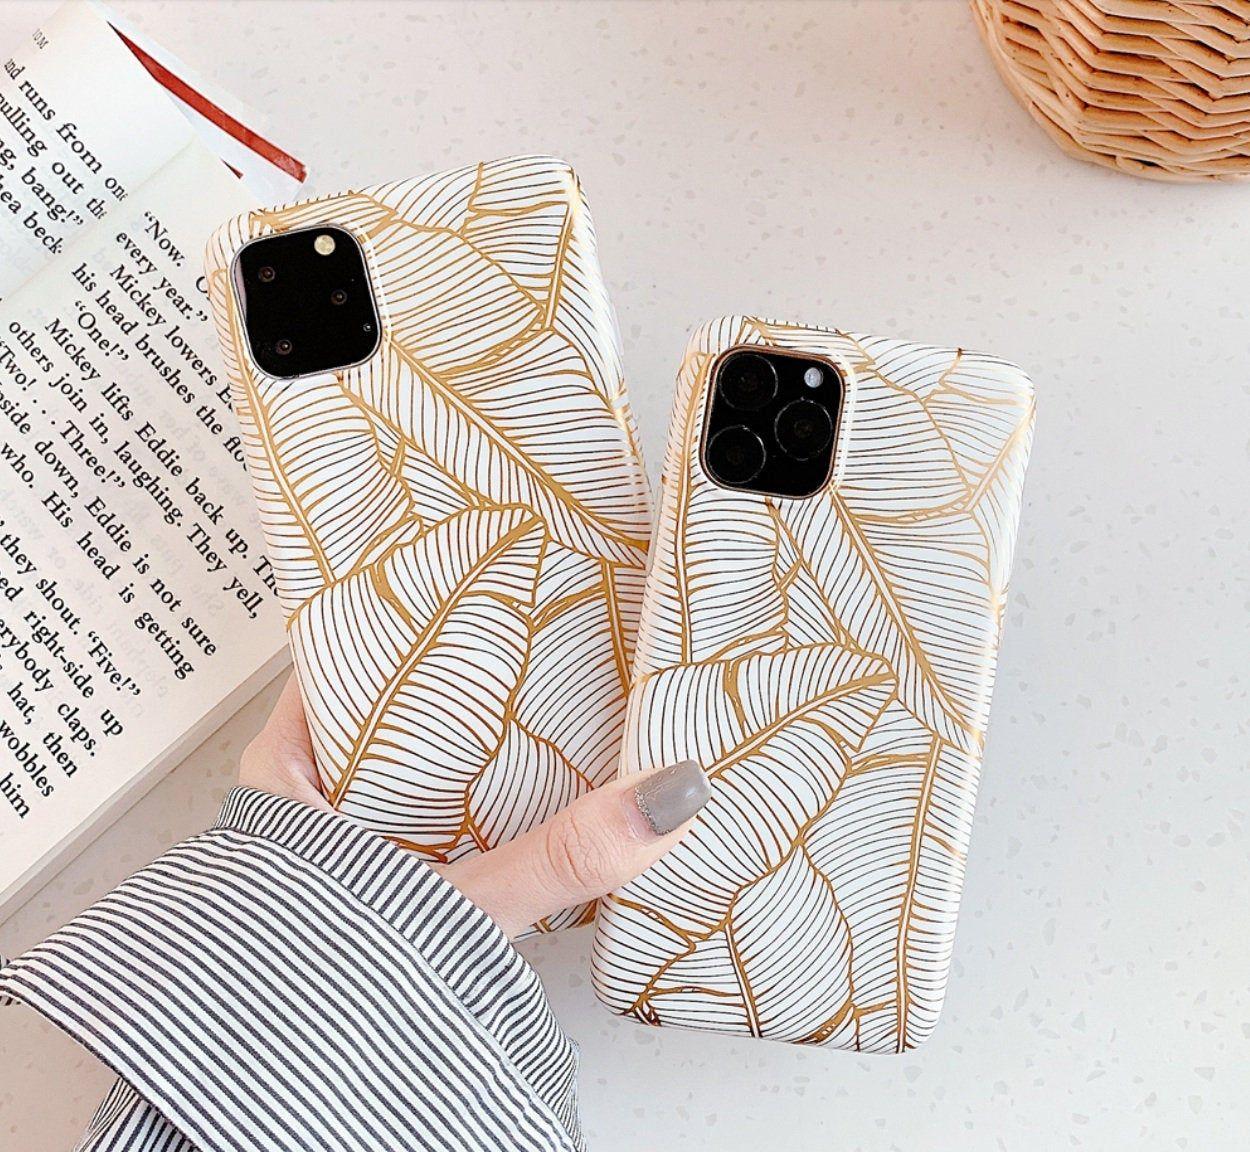 Iphone 11 Case Iphone 11 Pro Max Case Iphone 11 Pro Case Cute